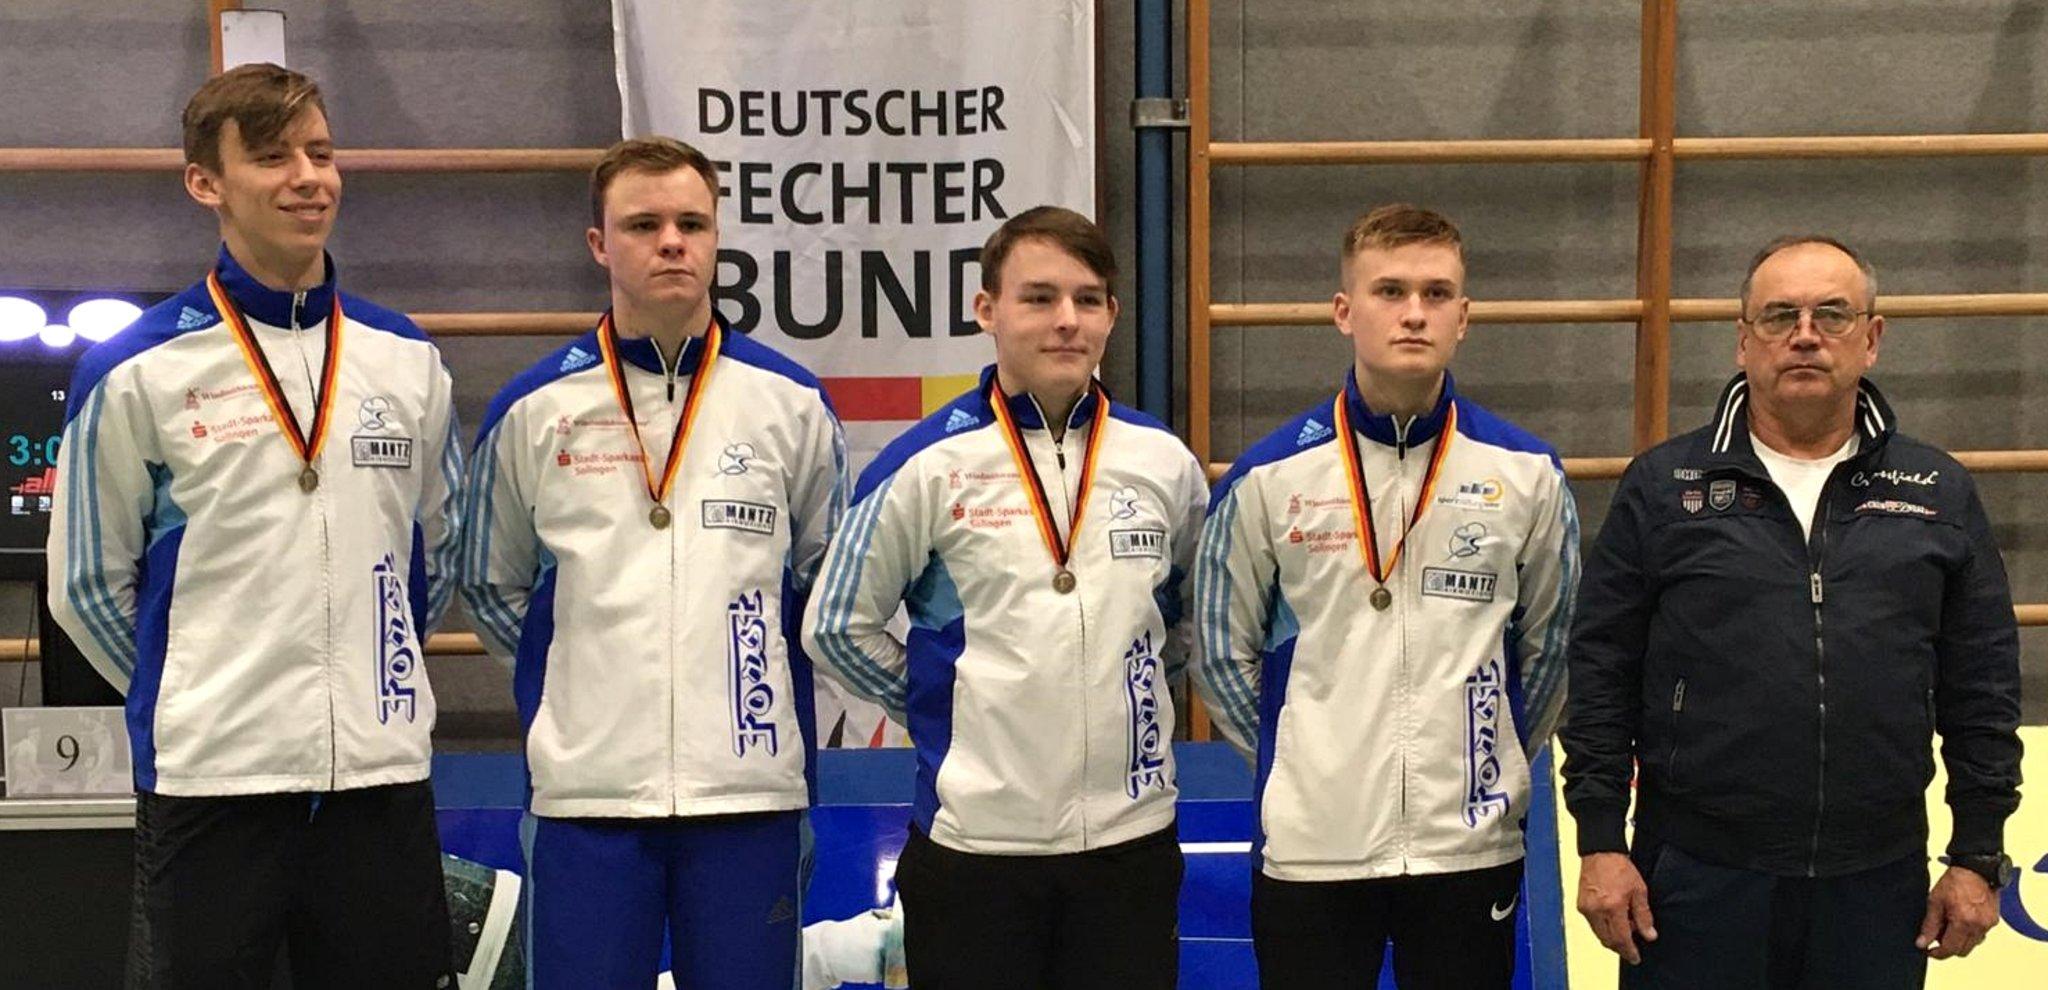 DM-Säbelfechten: Solinger Säbel-Team holt DM-Bronze - Lokalkompass.de